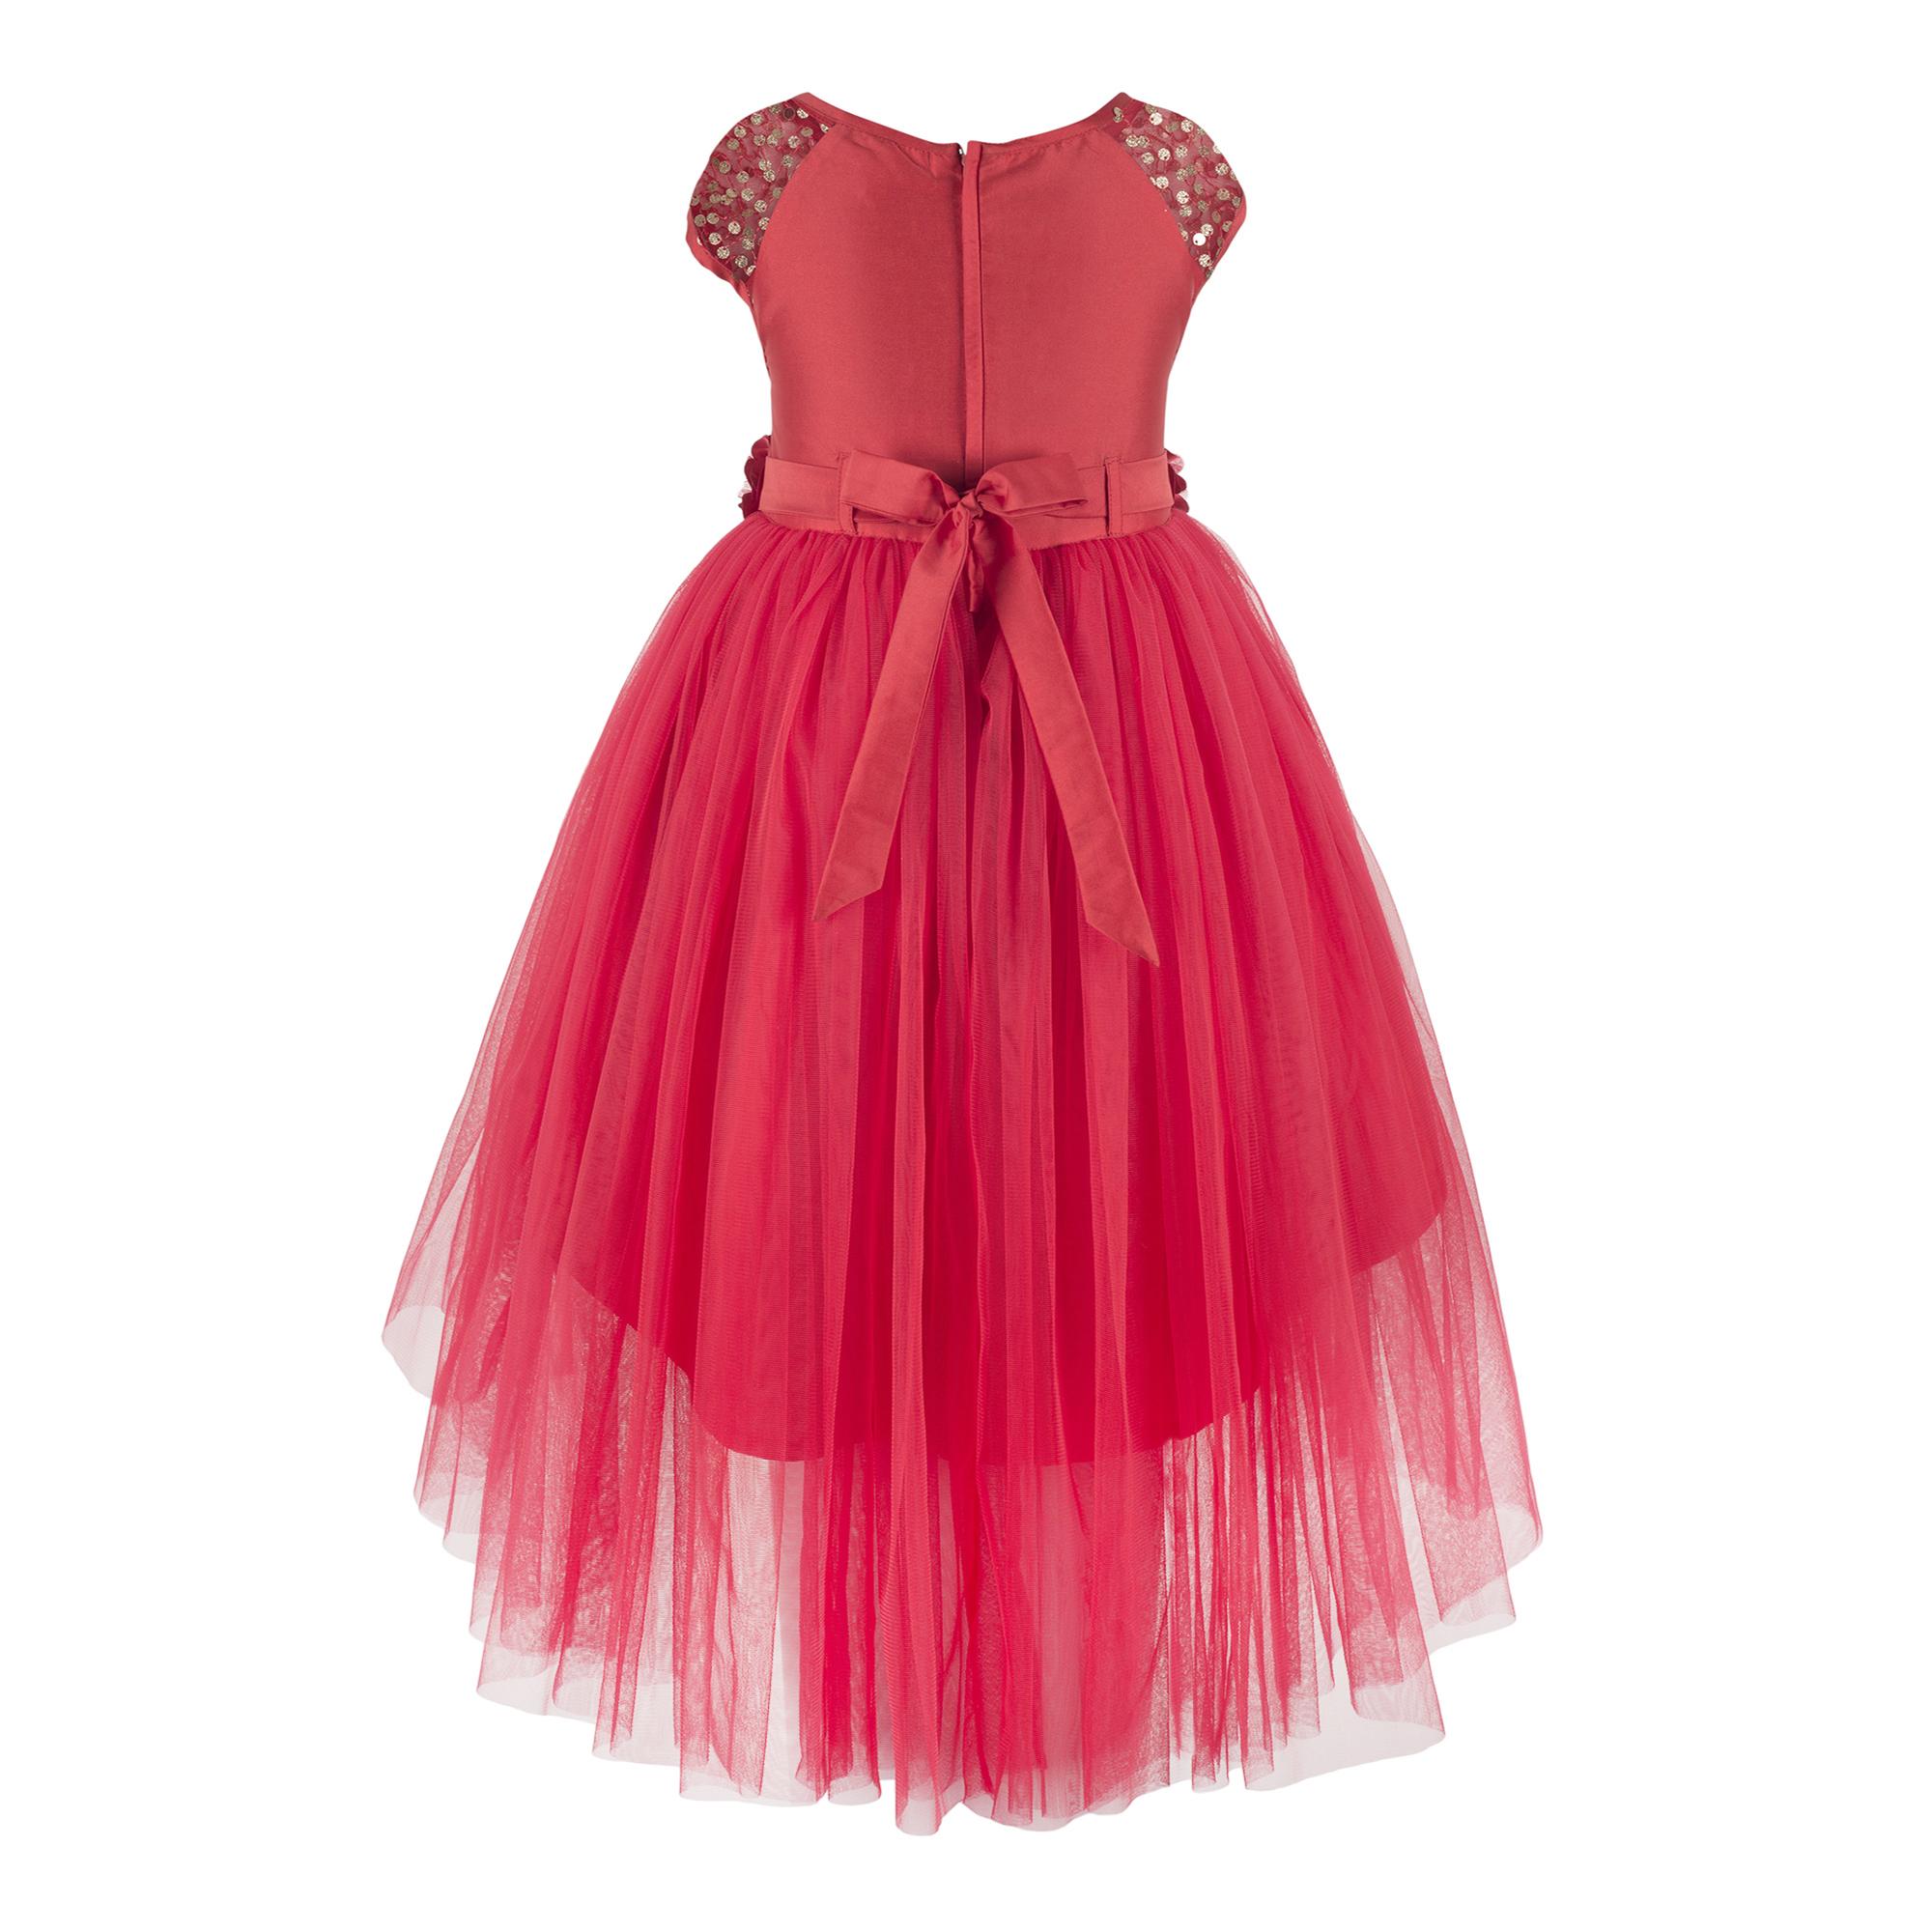 Embellished Red Hi-low Dress